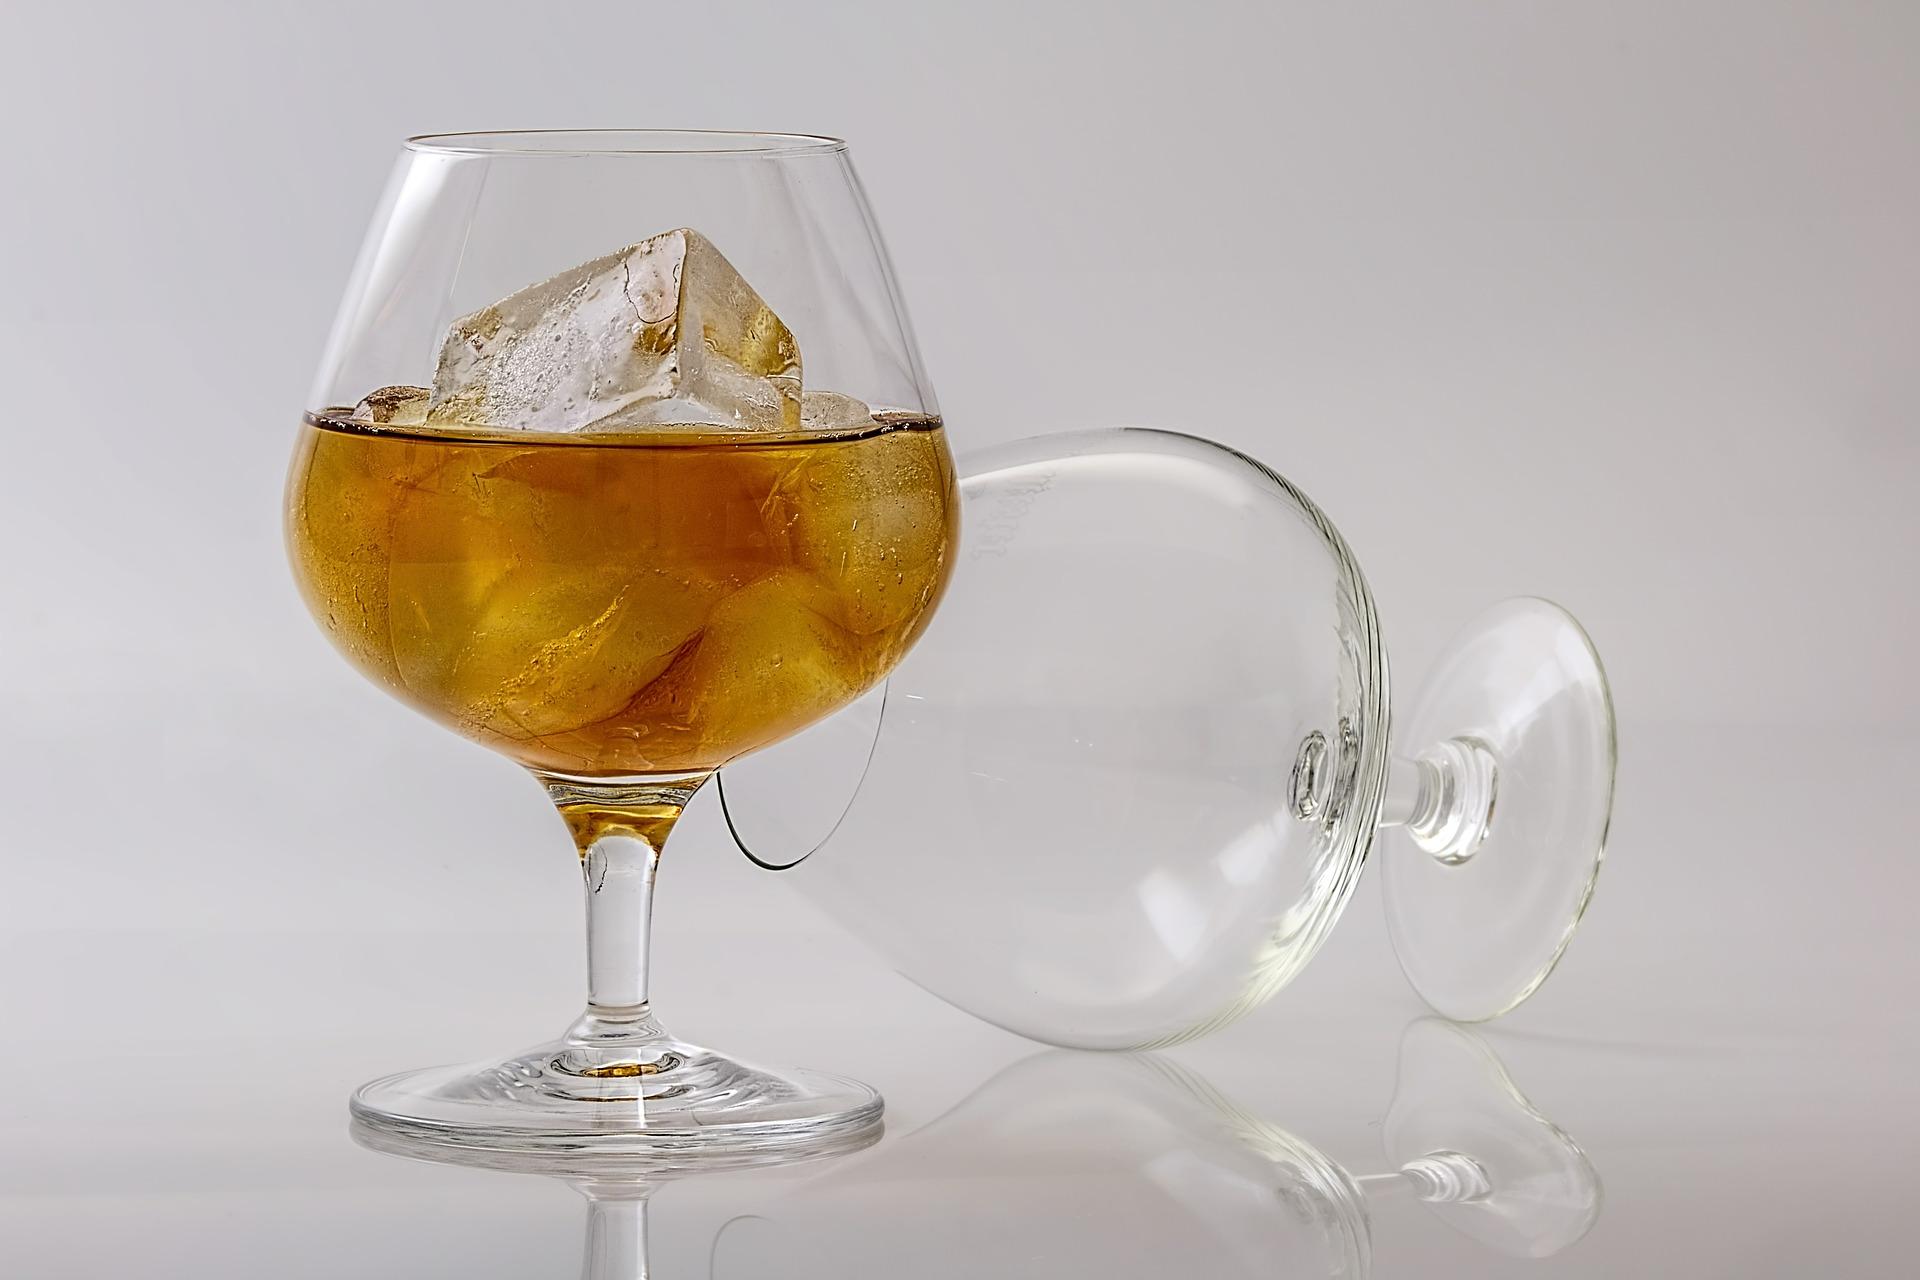 Comment bien déguster un cognac ? 2